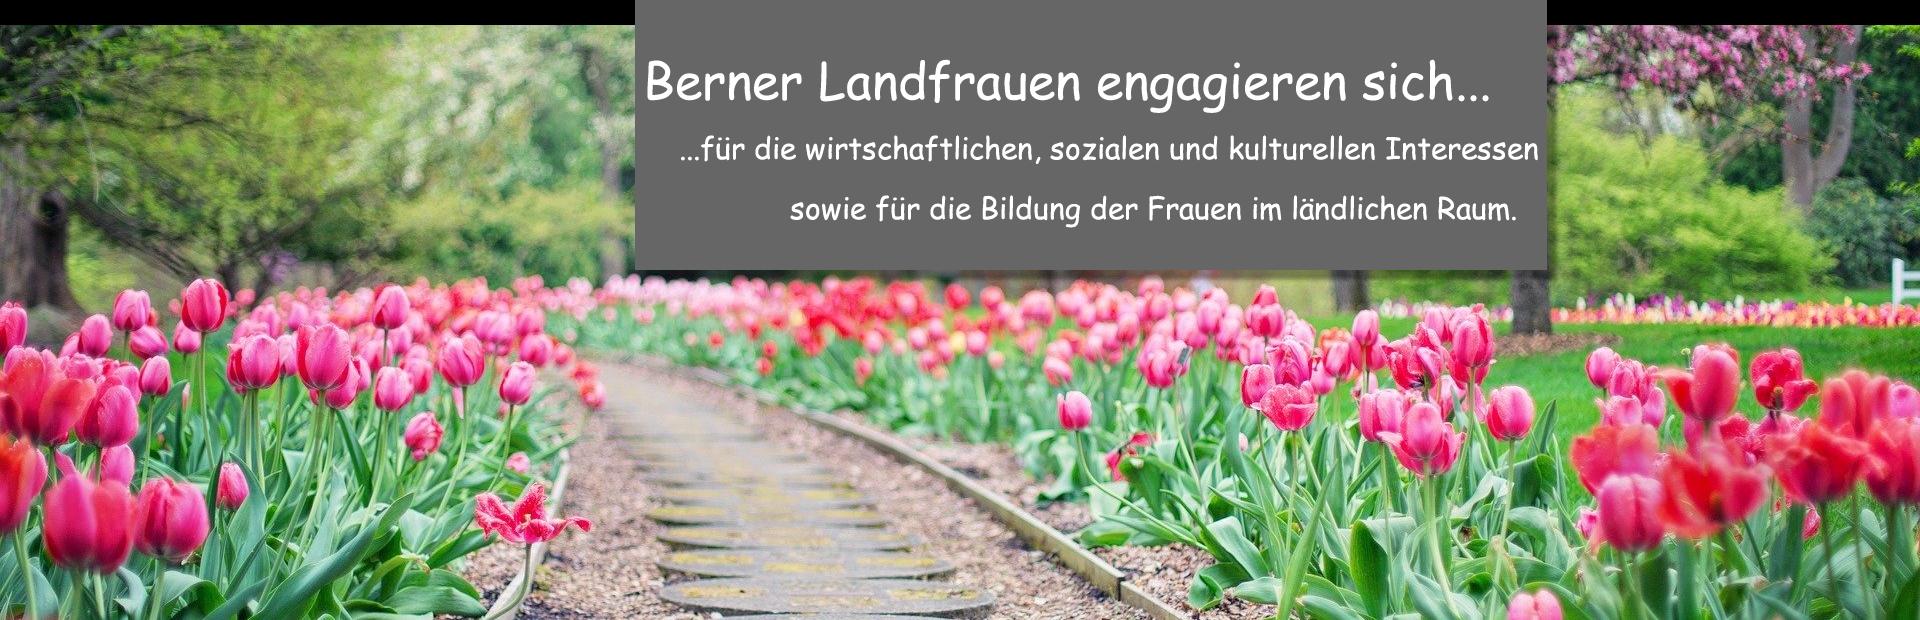 Tulpen_Landfrauen_engagieren